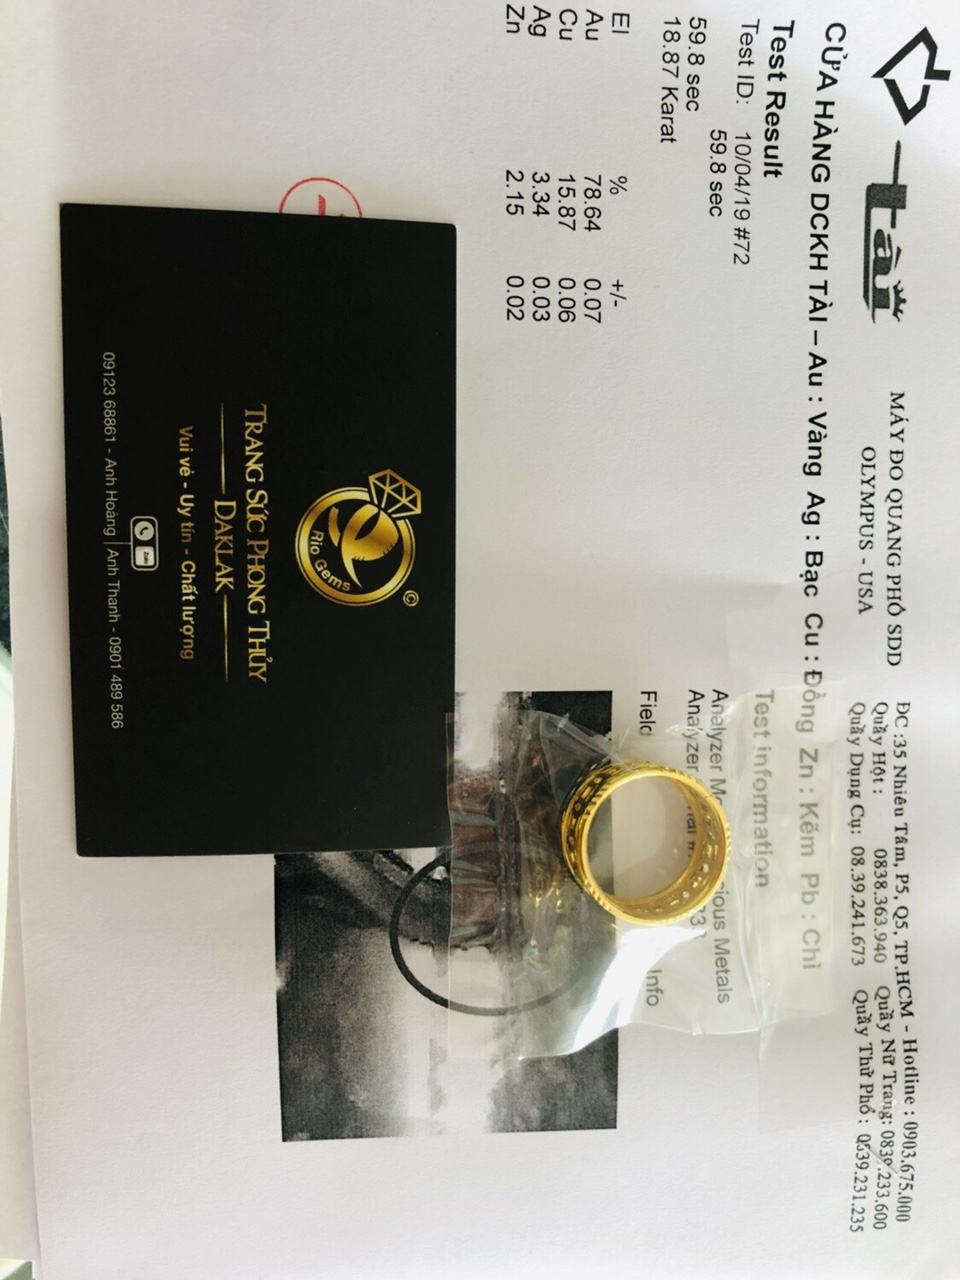 Nhẫn lông voi vàng 24k kim tiền Riogems uy tín